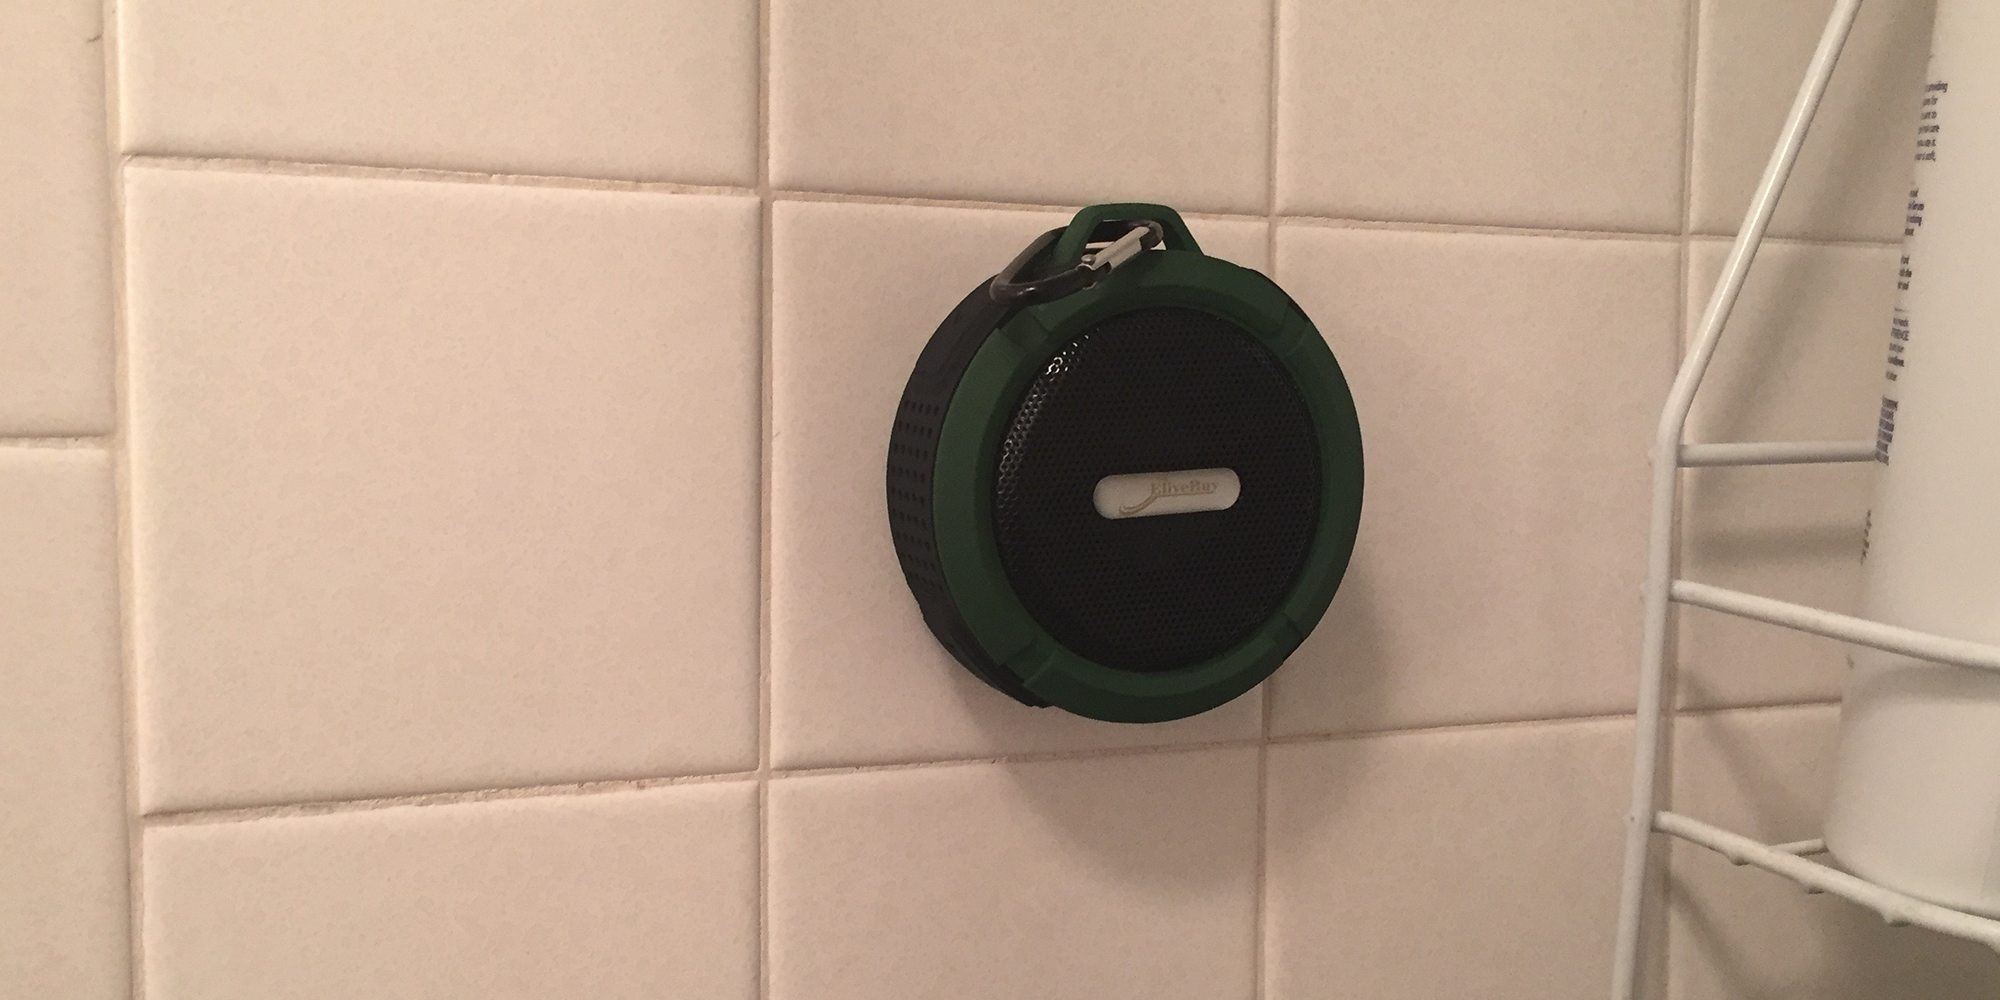 Elivebuy Portable Waterproof Bluetooth Speaker Brings the Jams to Shower Time